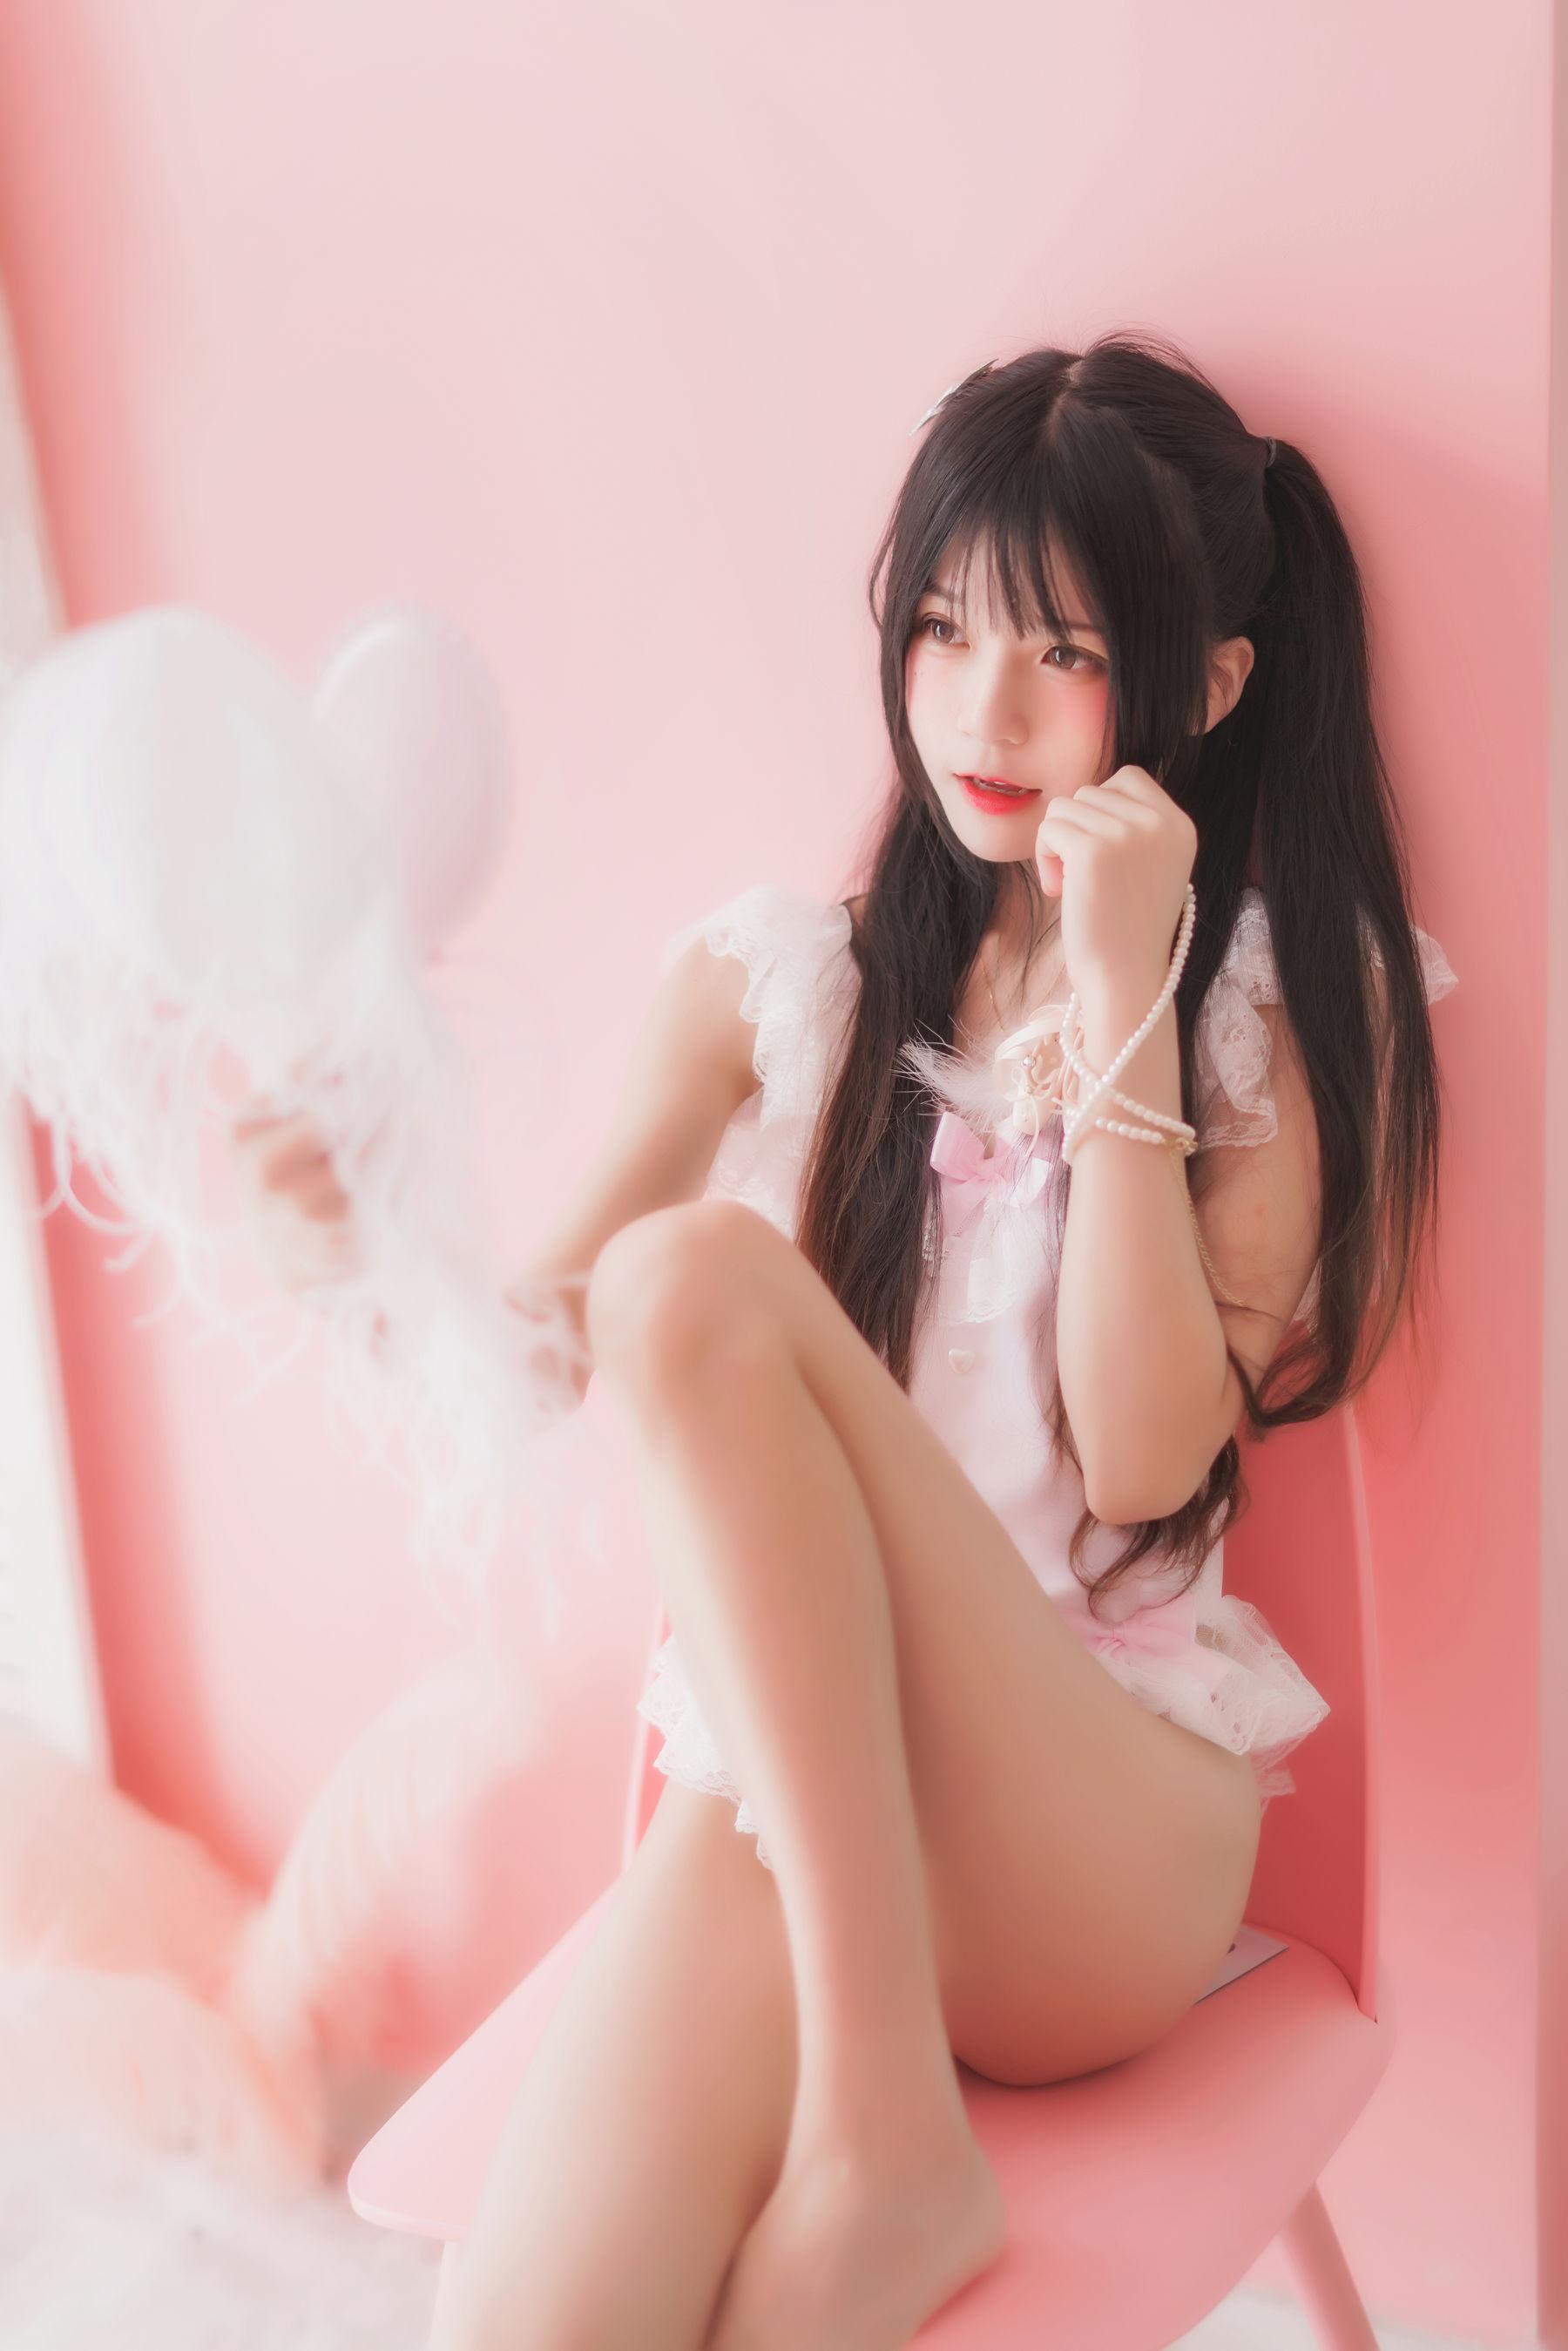 [网络美女] 桜桃喵 粉色浴缸 高清写真套图